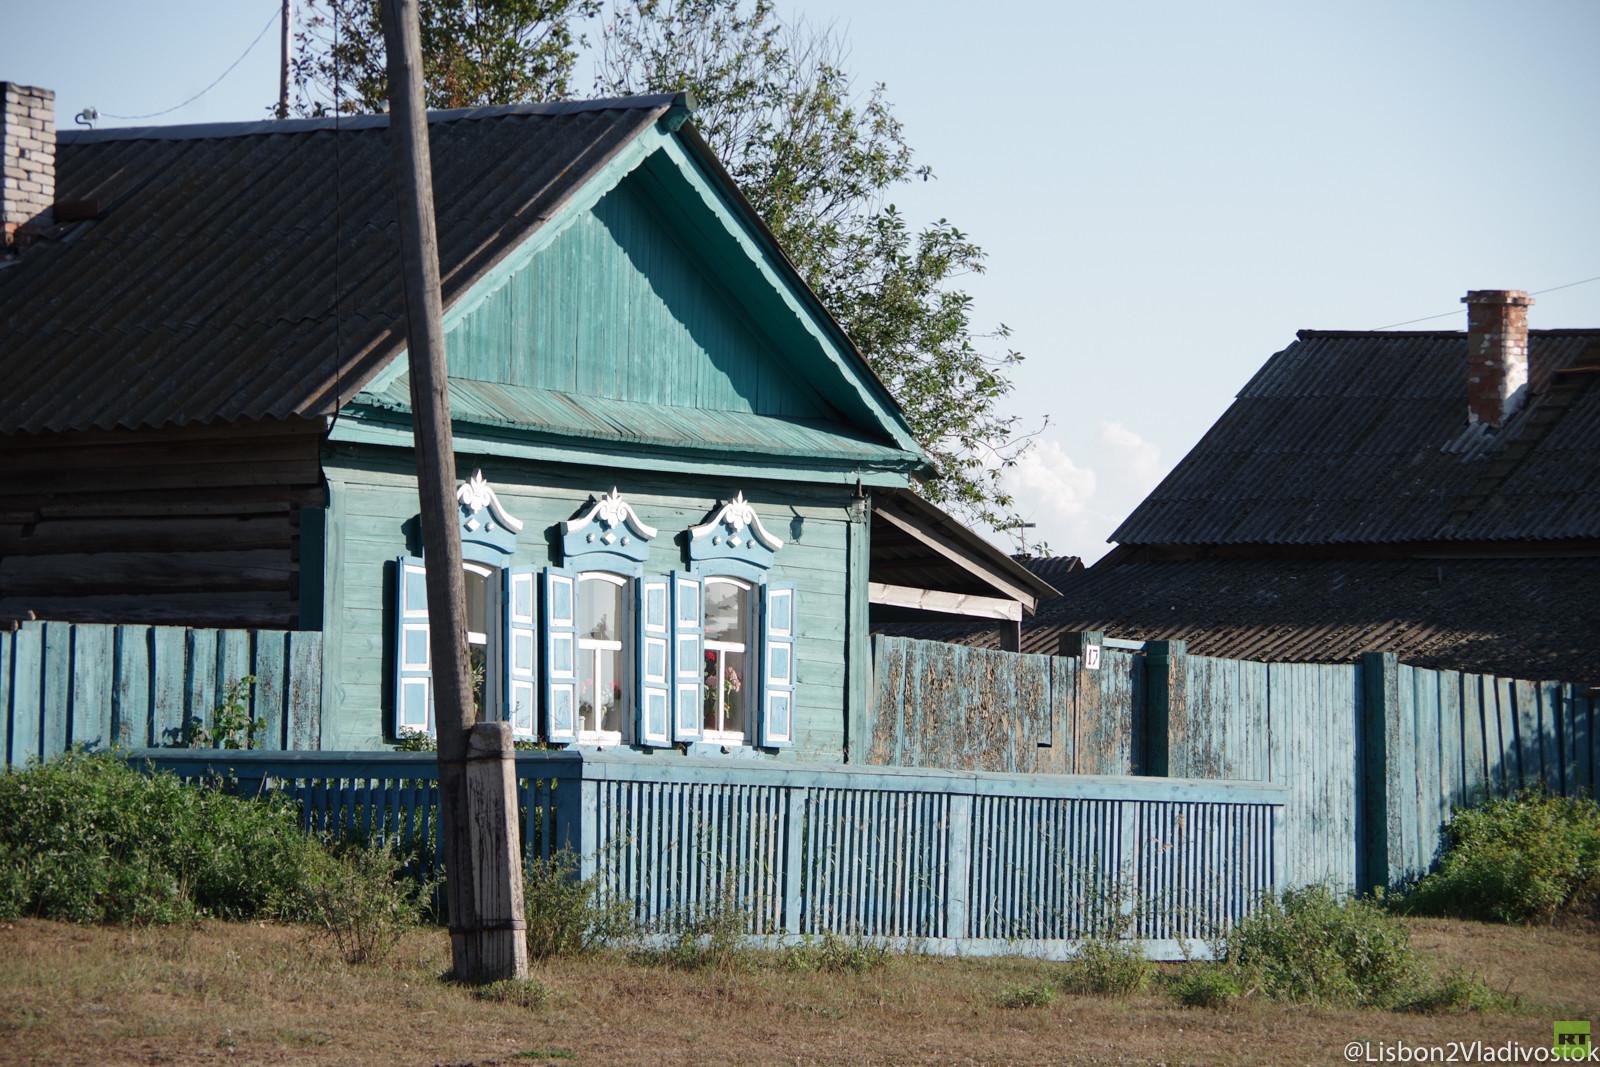 Von Lissabon nach Wladiwostok: Der letzte Abschnitt - durch Sibirien nach Wladiwostok